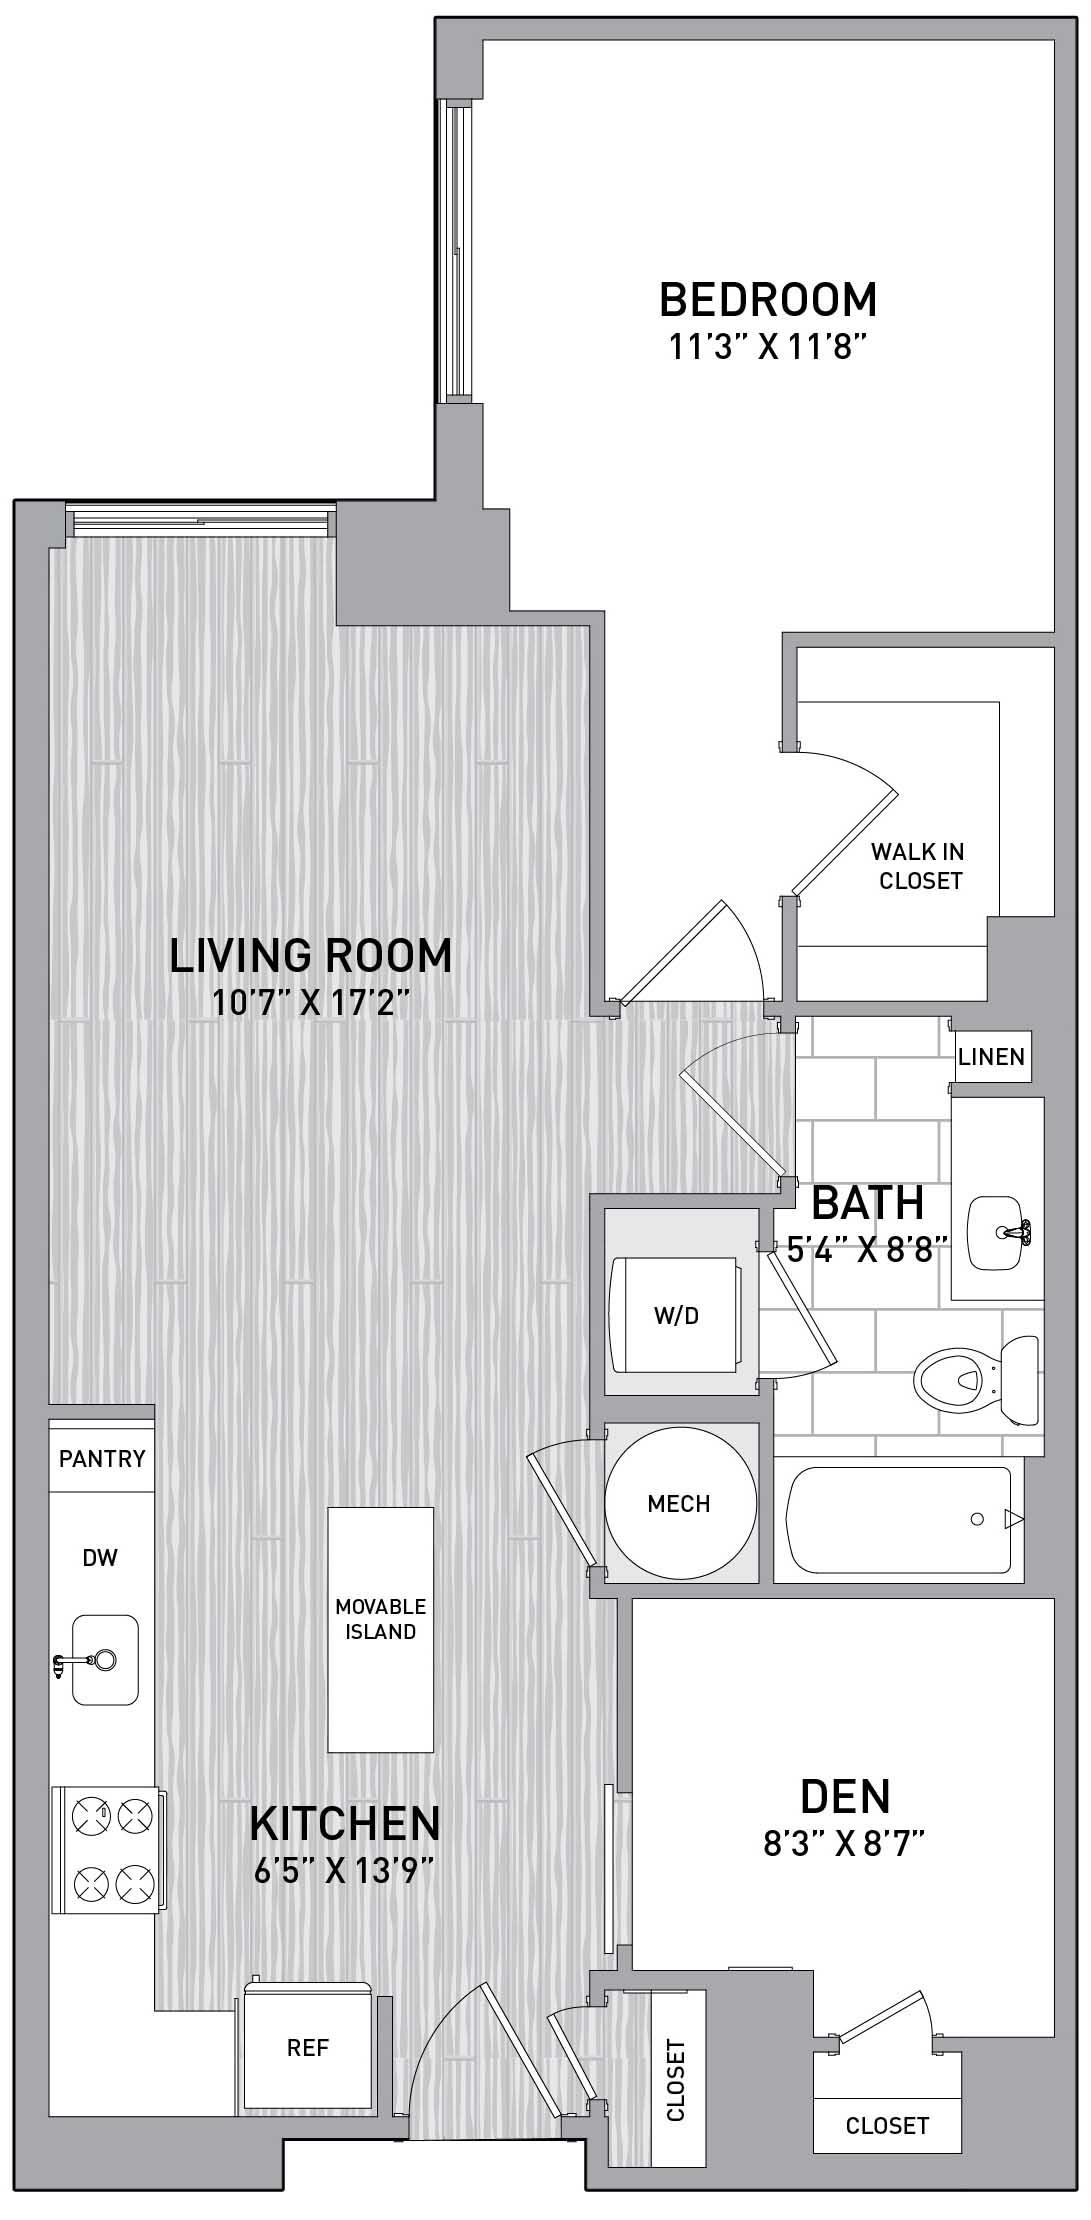 Floorplan Image of unit 151-0615